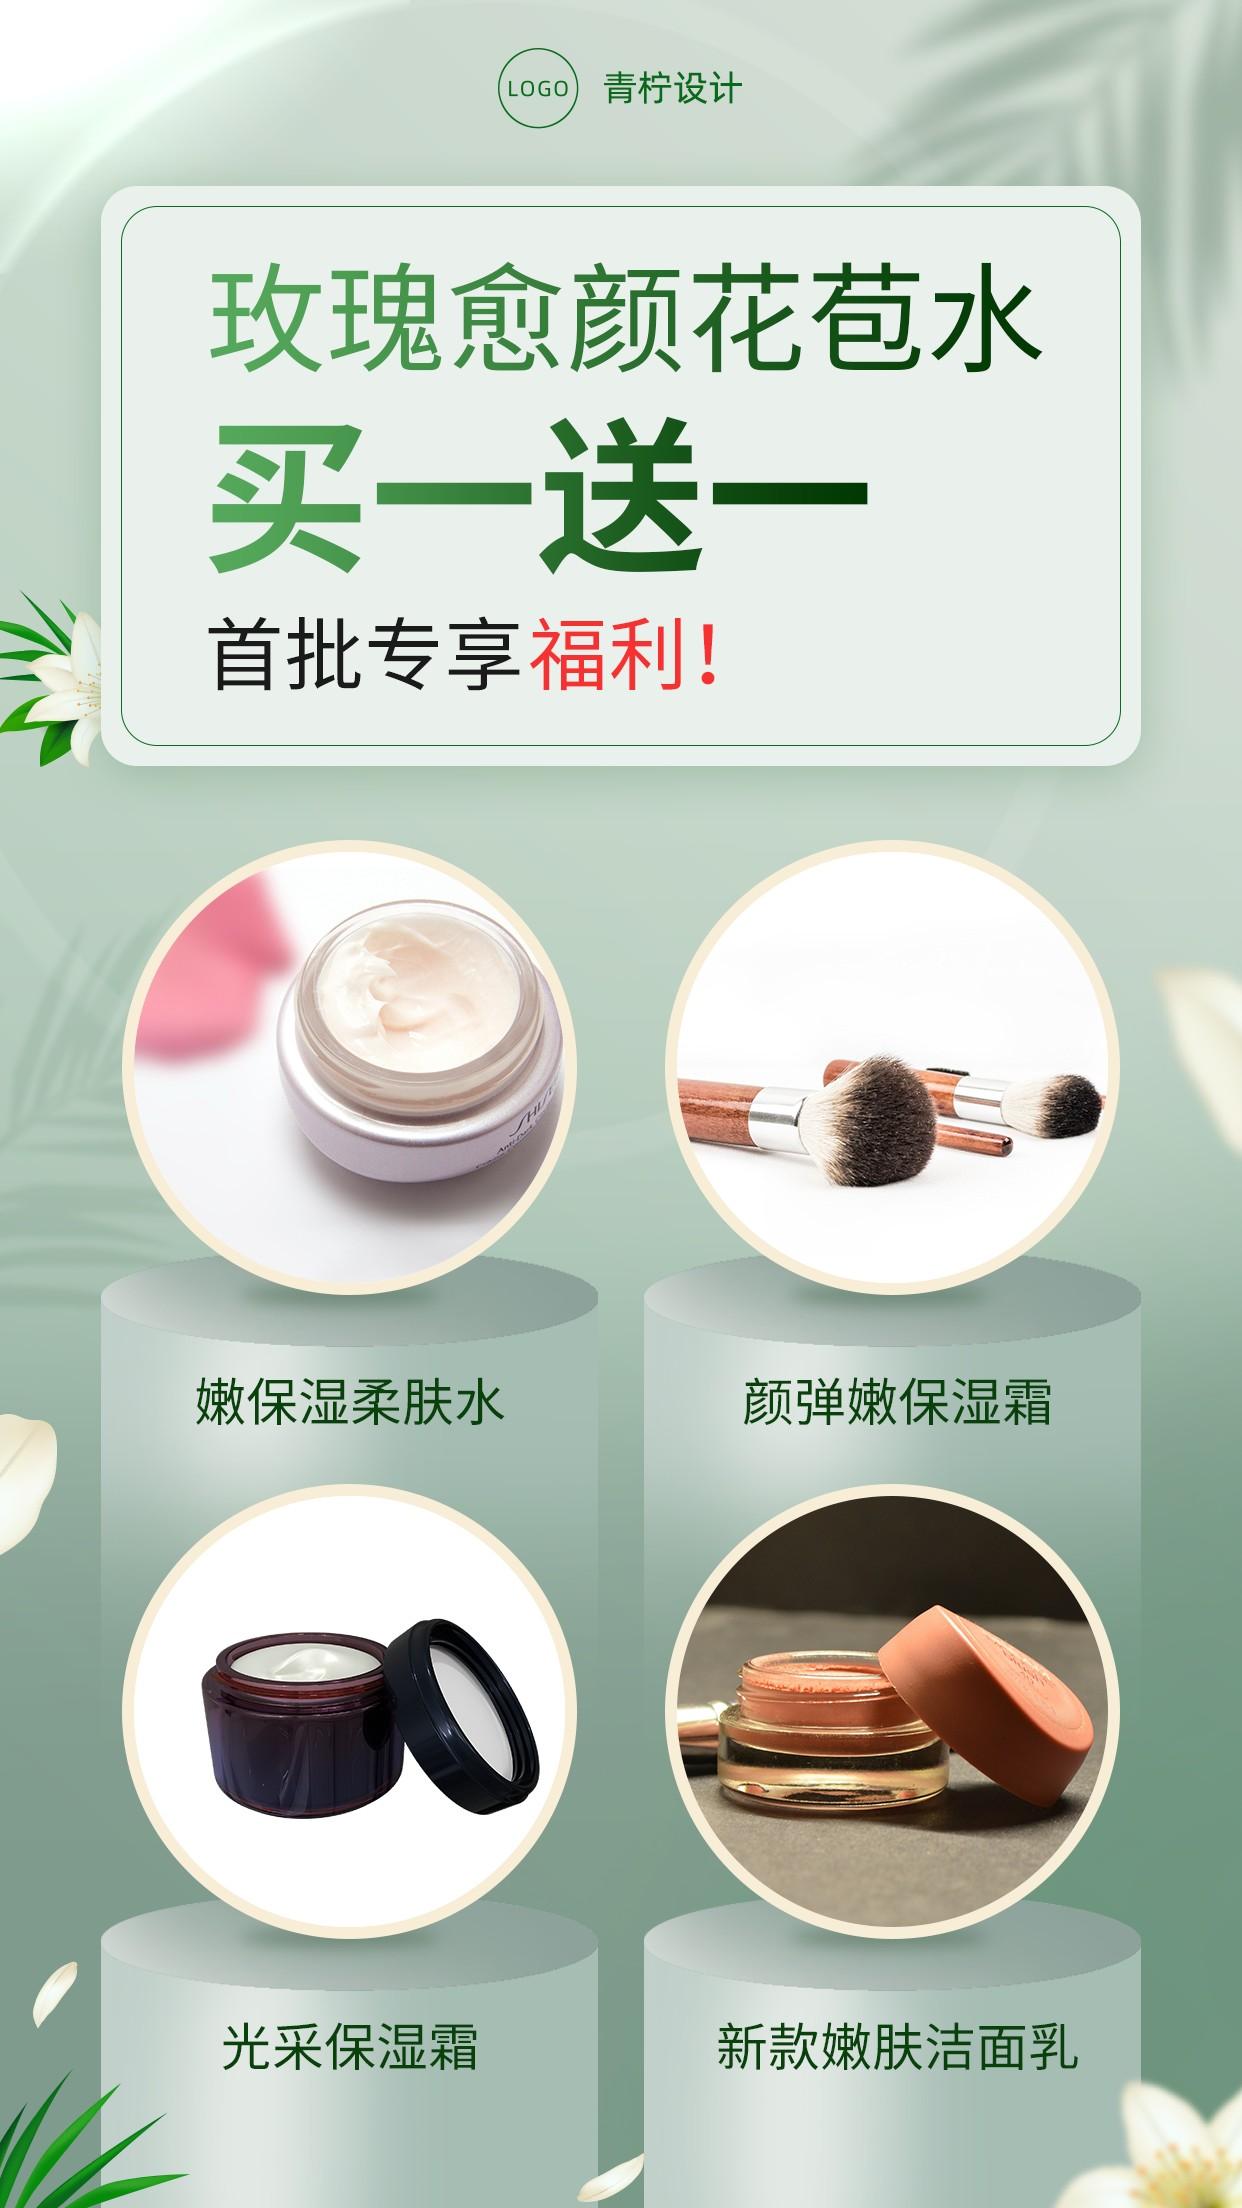 立体美容美妆电商手机海报